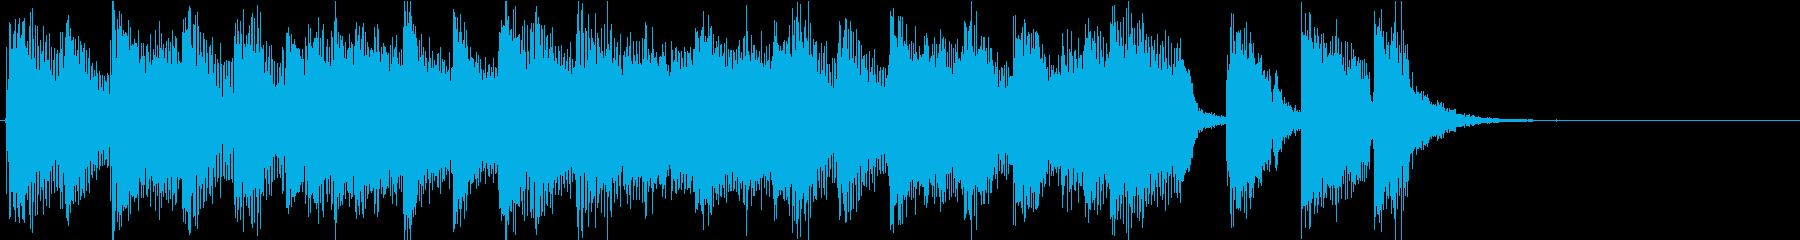 渋いサックス音源使用のジングルですの再生済みの波形